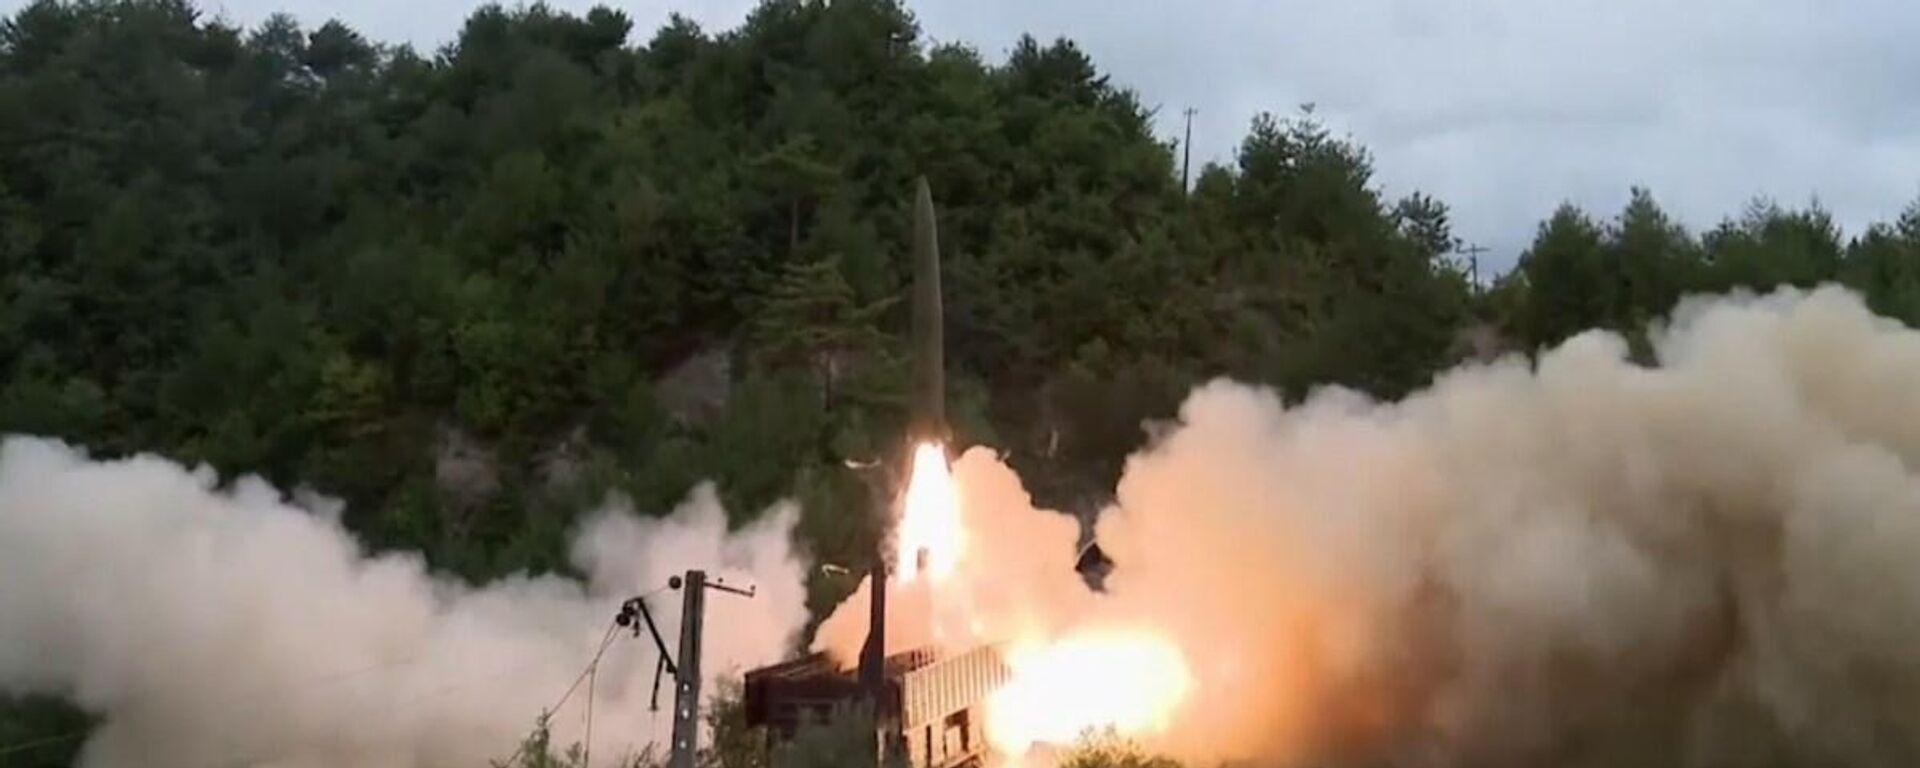 Corea del Nord: lanciati con successo missili balistici da un treno - Sputnik Italia, 1920, 16.09.2021